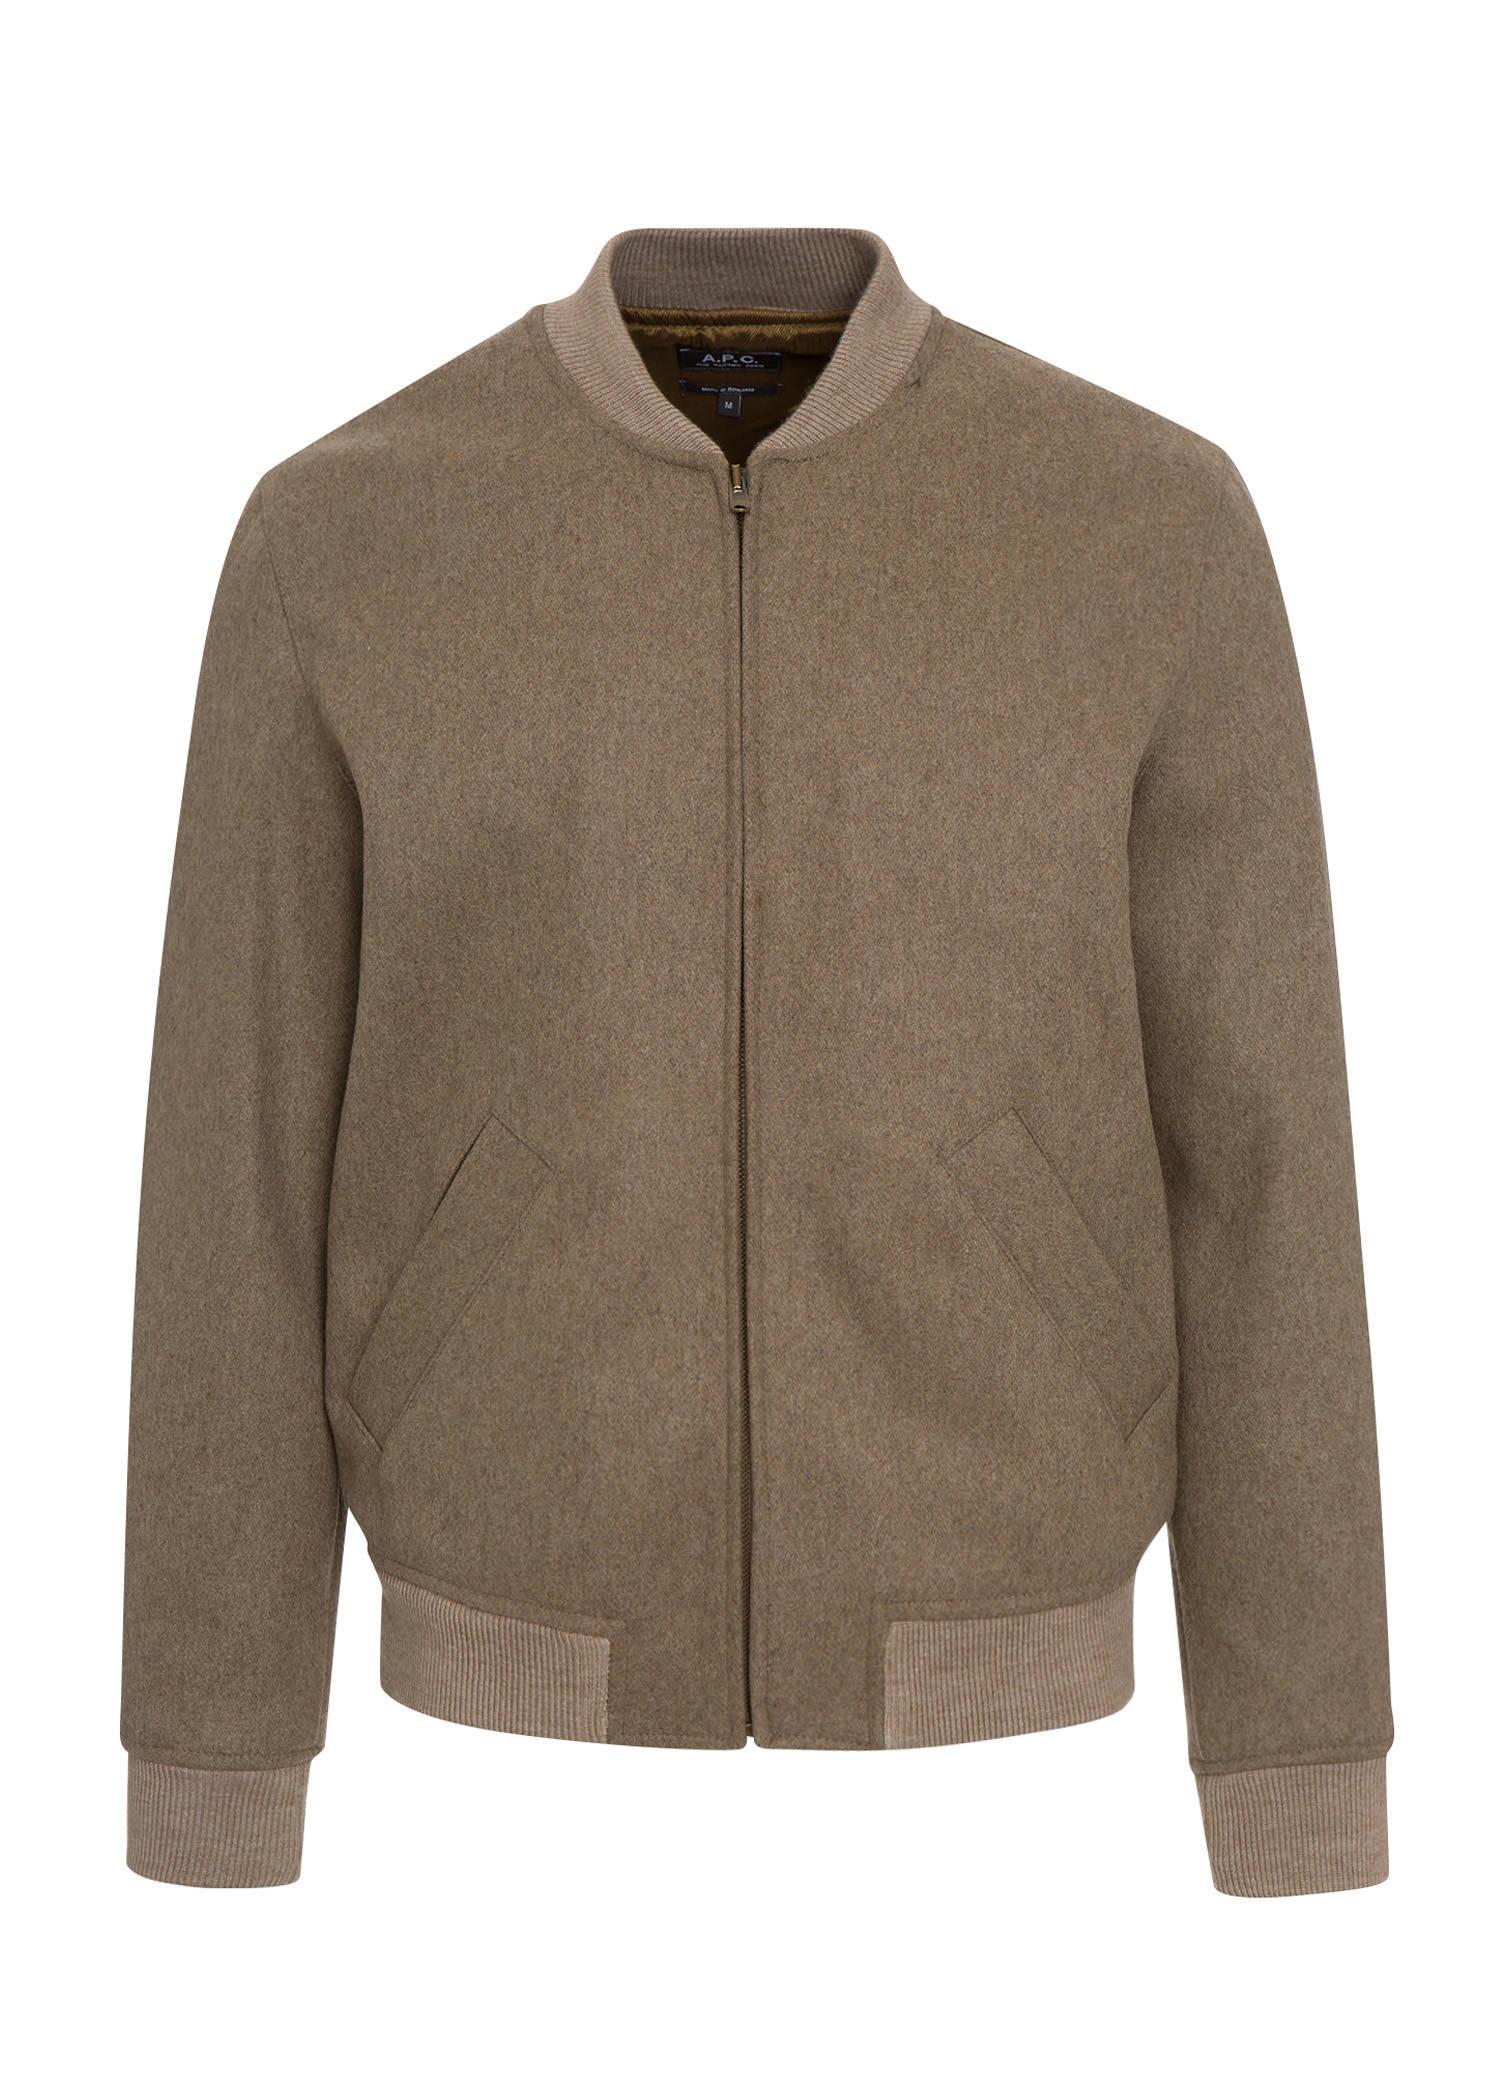 A.P.C. Gaston Jacket In Heathered Beige